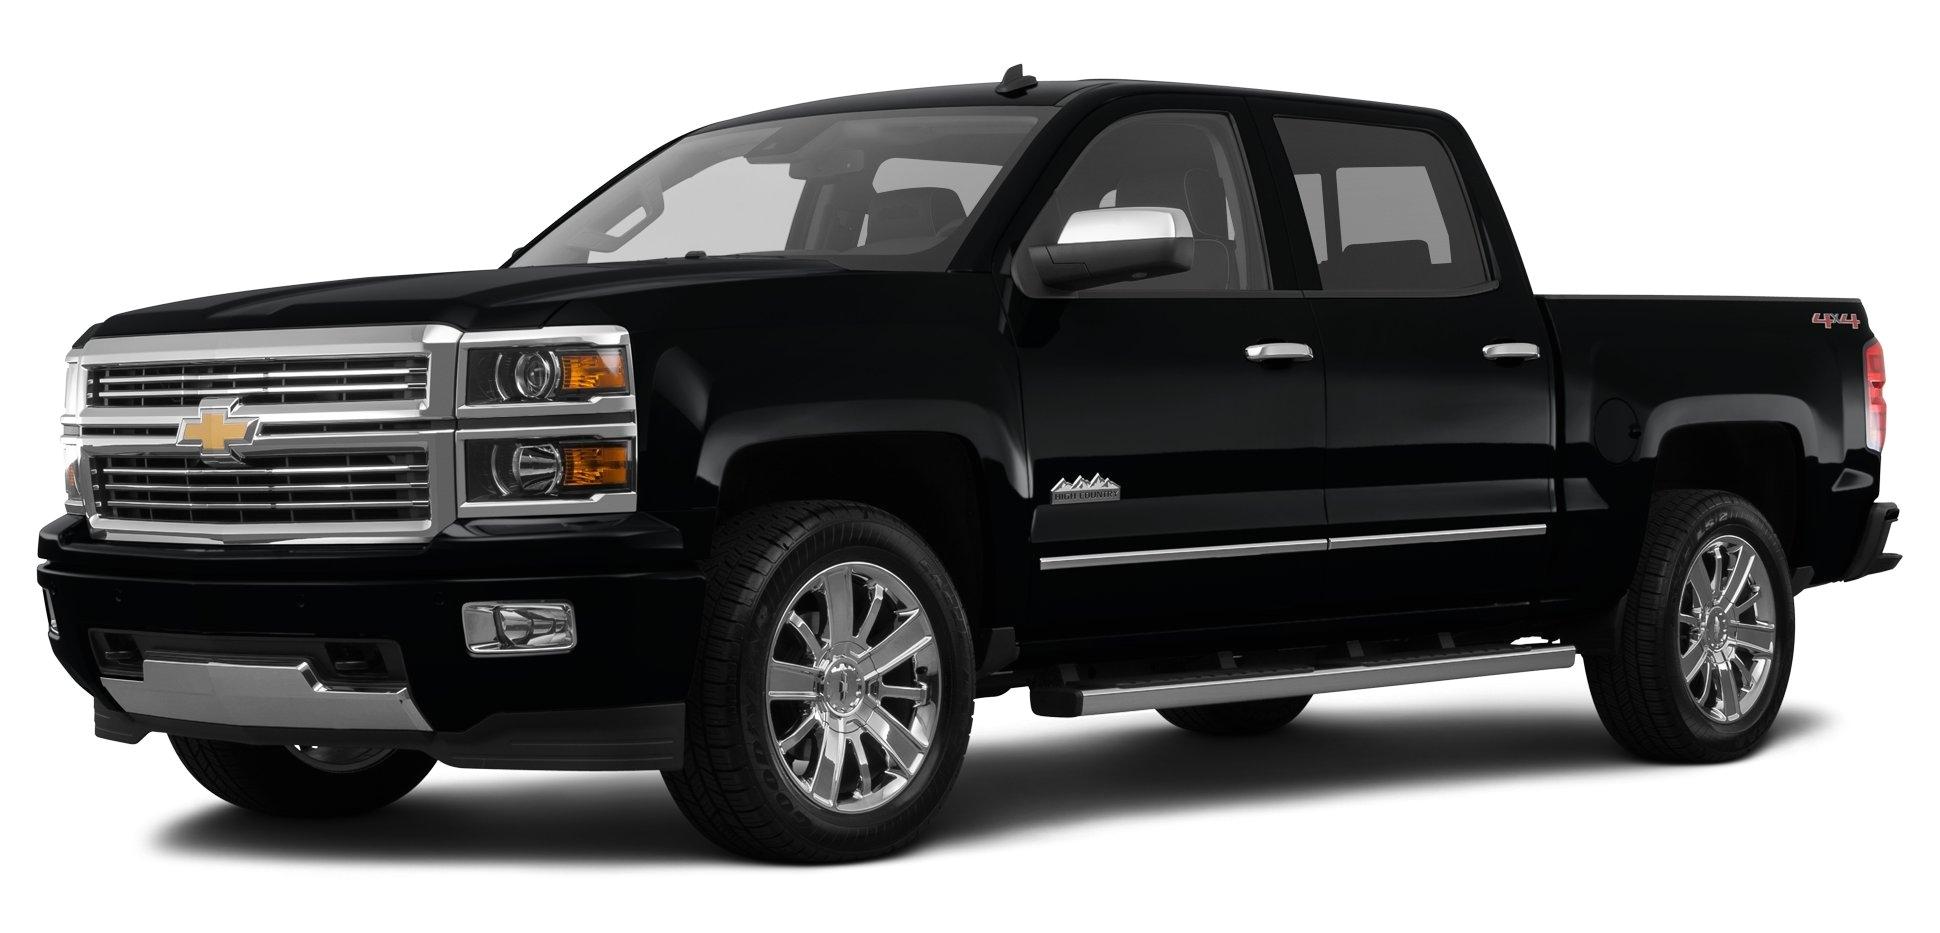 2015 Chevy Silverado Interior Trim Amazon Com 2015 Chevrolet Silverado 1500 Reviews Images and Specs